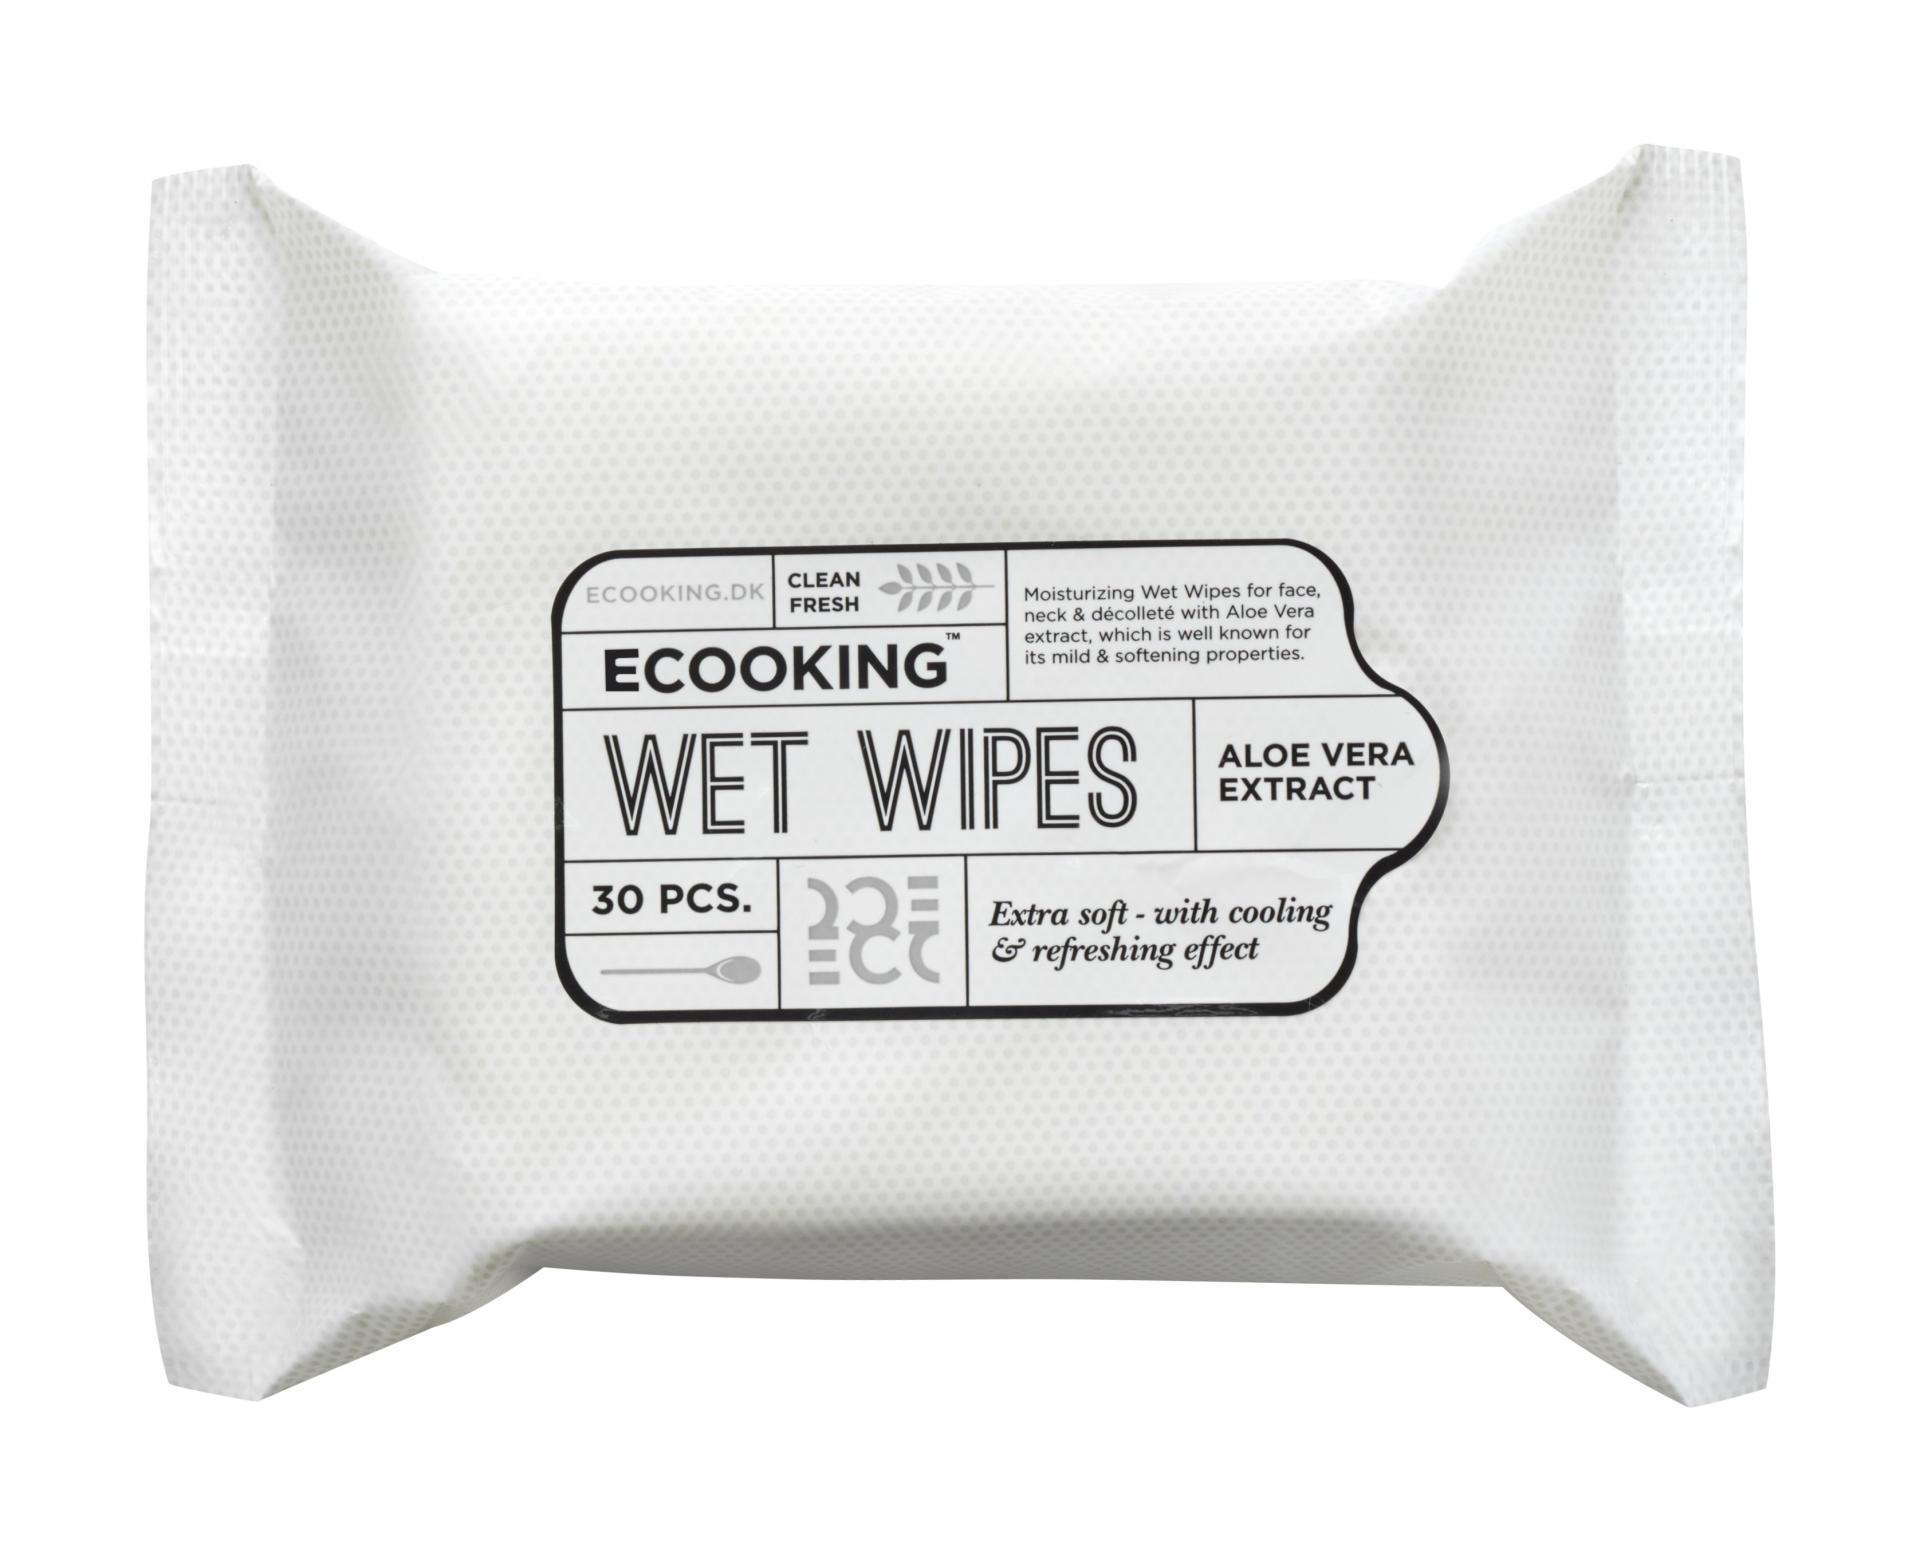 ECOOKING Osvěžující vlhčené ubrousky Ecooking, bílá barva